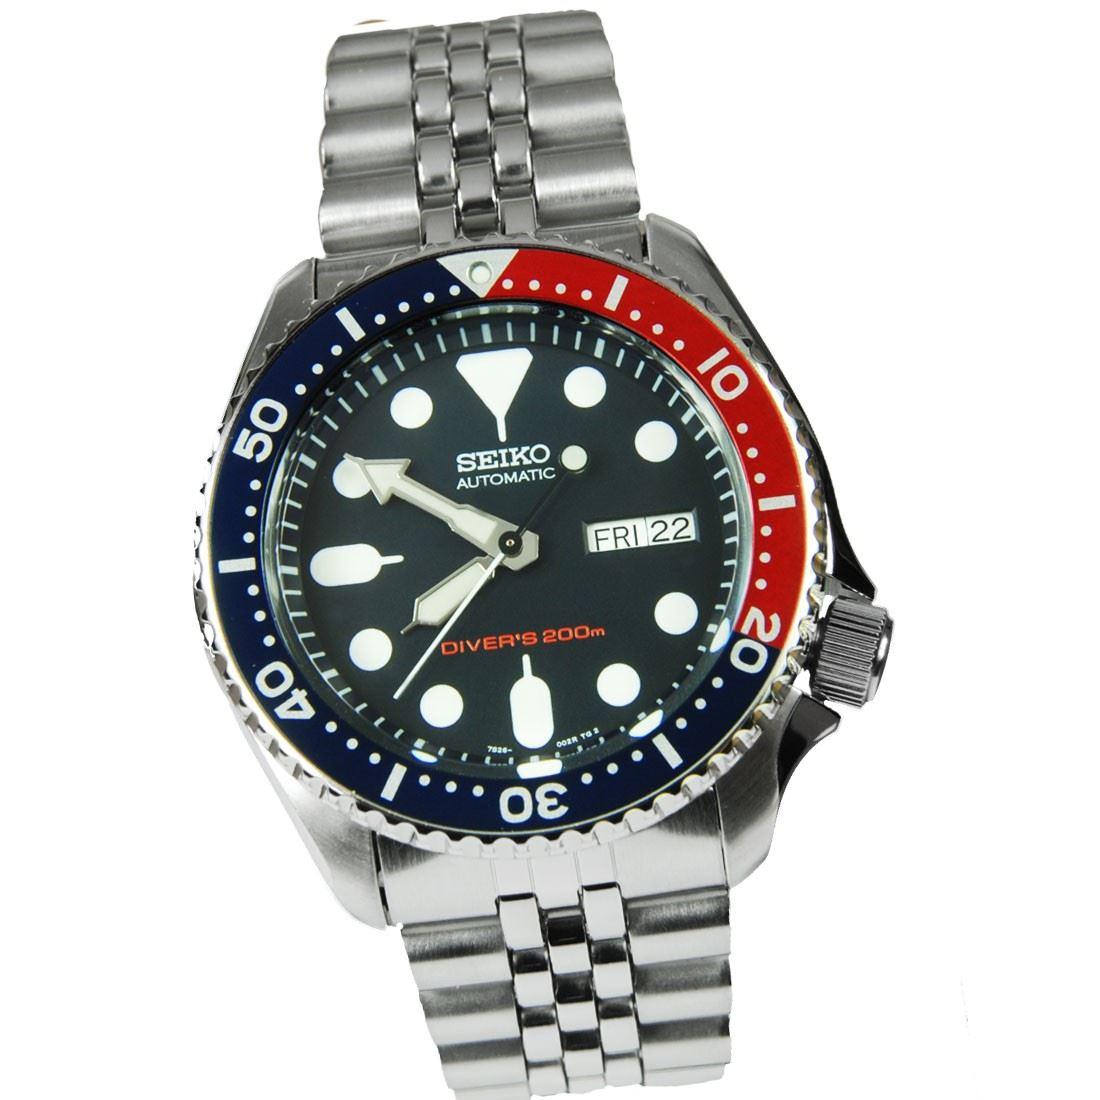 TOP-SELLING-Seiko-SKX009-SKX009J1-SKX009J2-SKX009K1-SKX009K2-Pepsi-Dive-Watch thumbnail 31